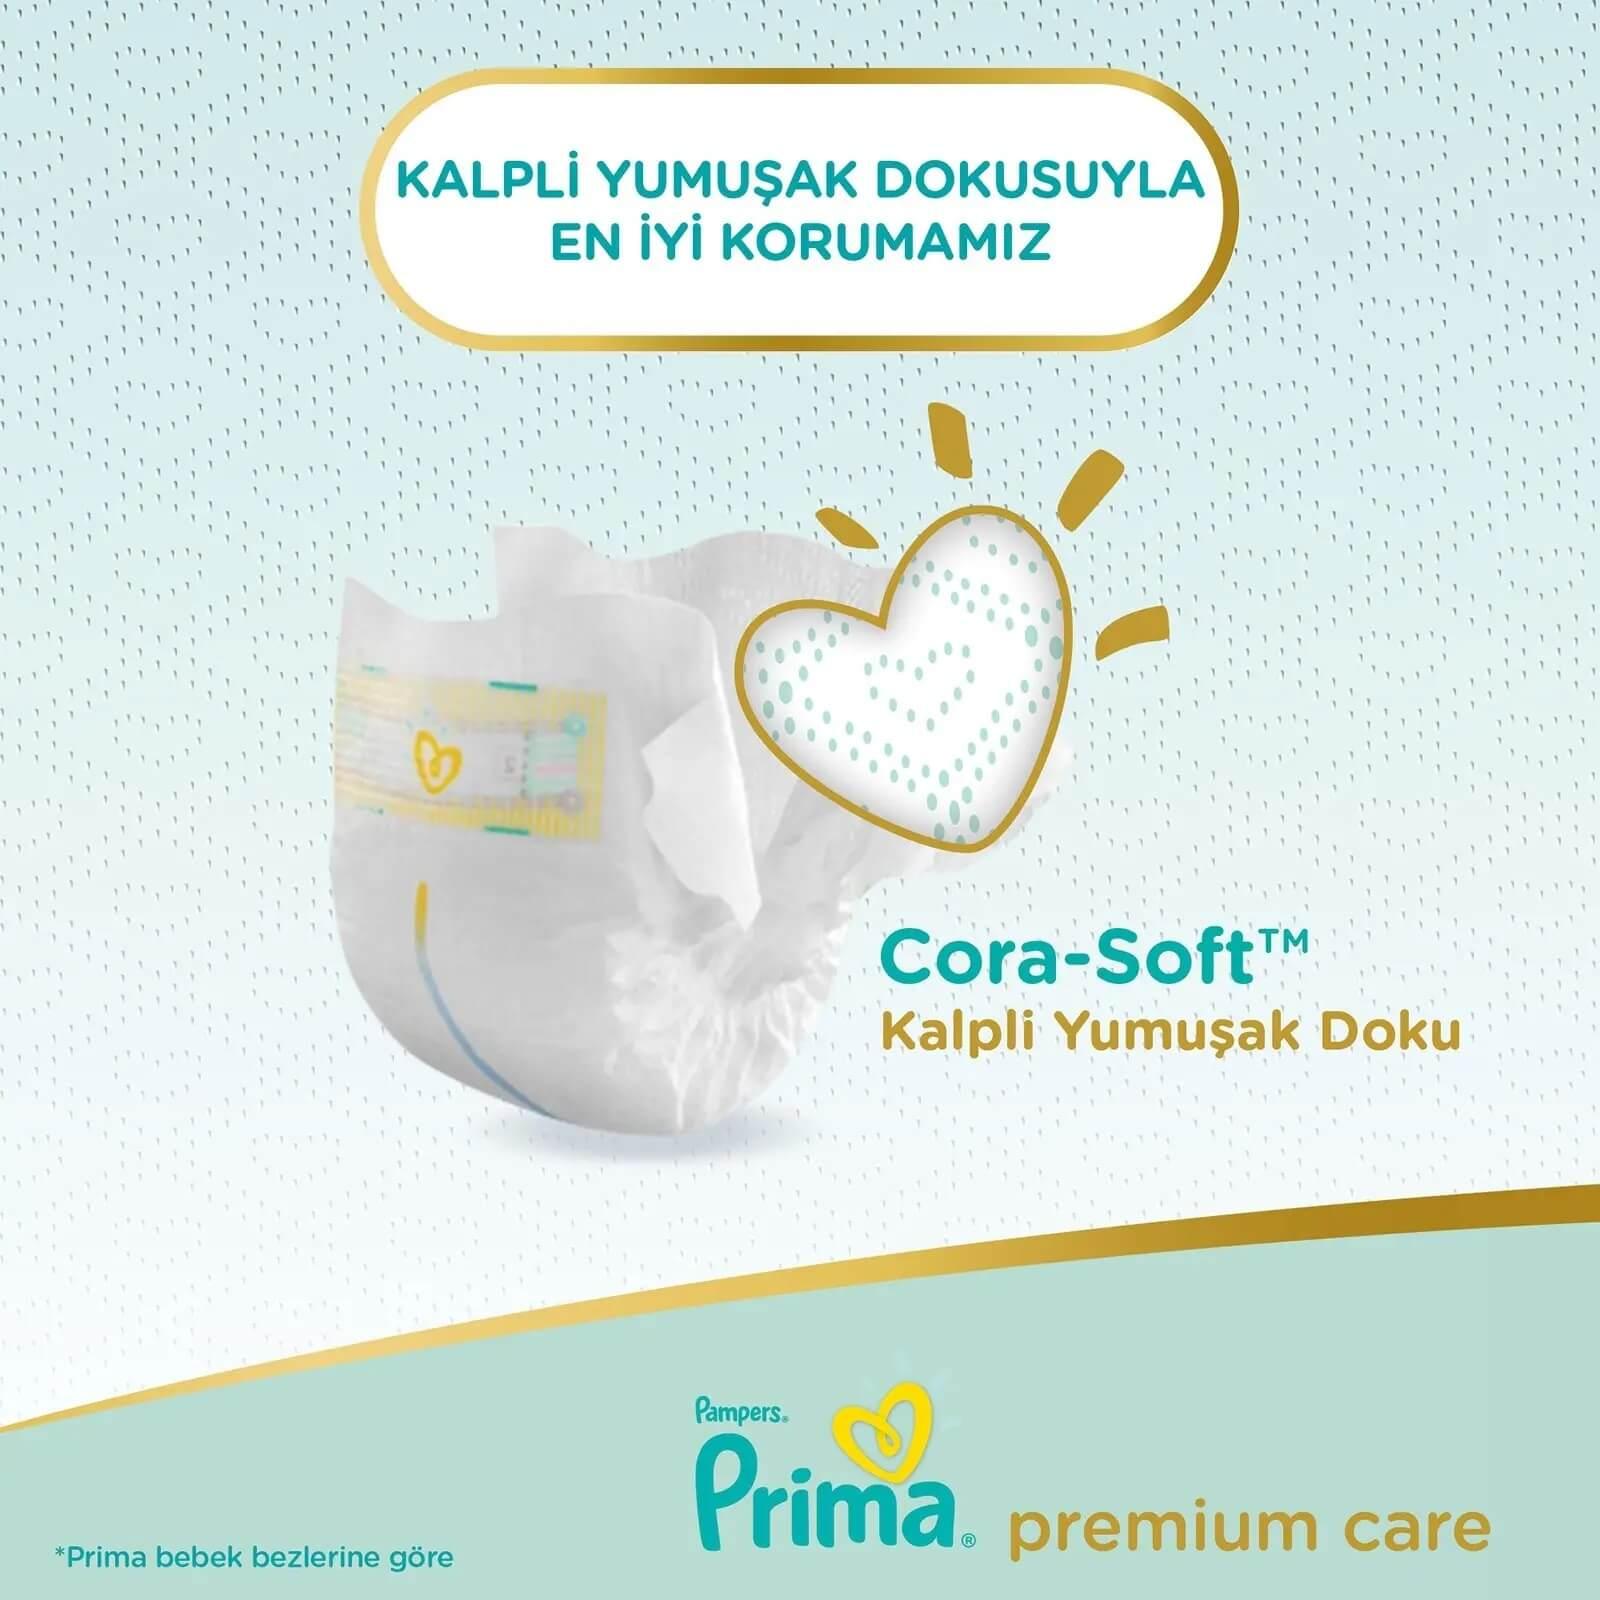 prima-premium-care-detay-2